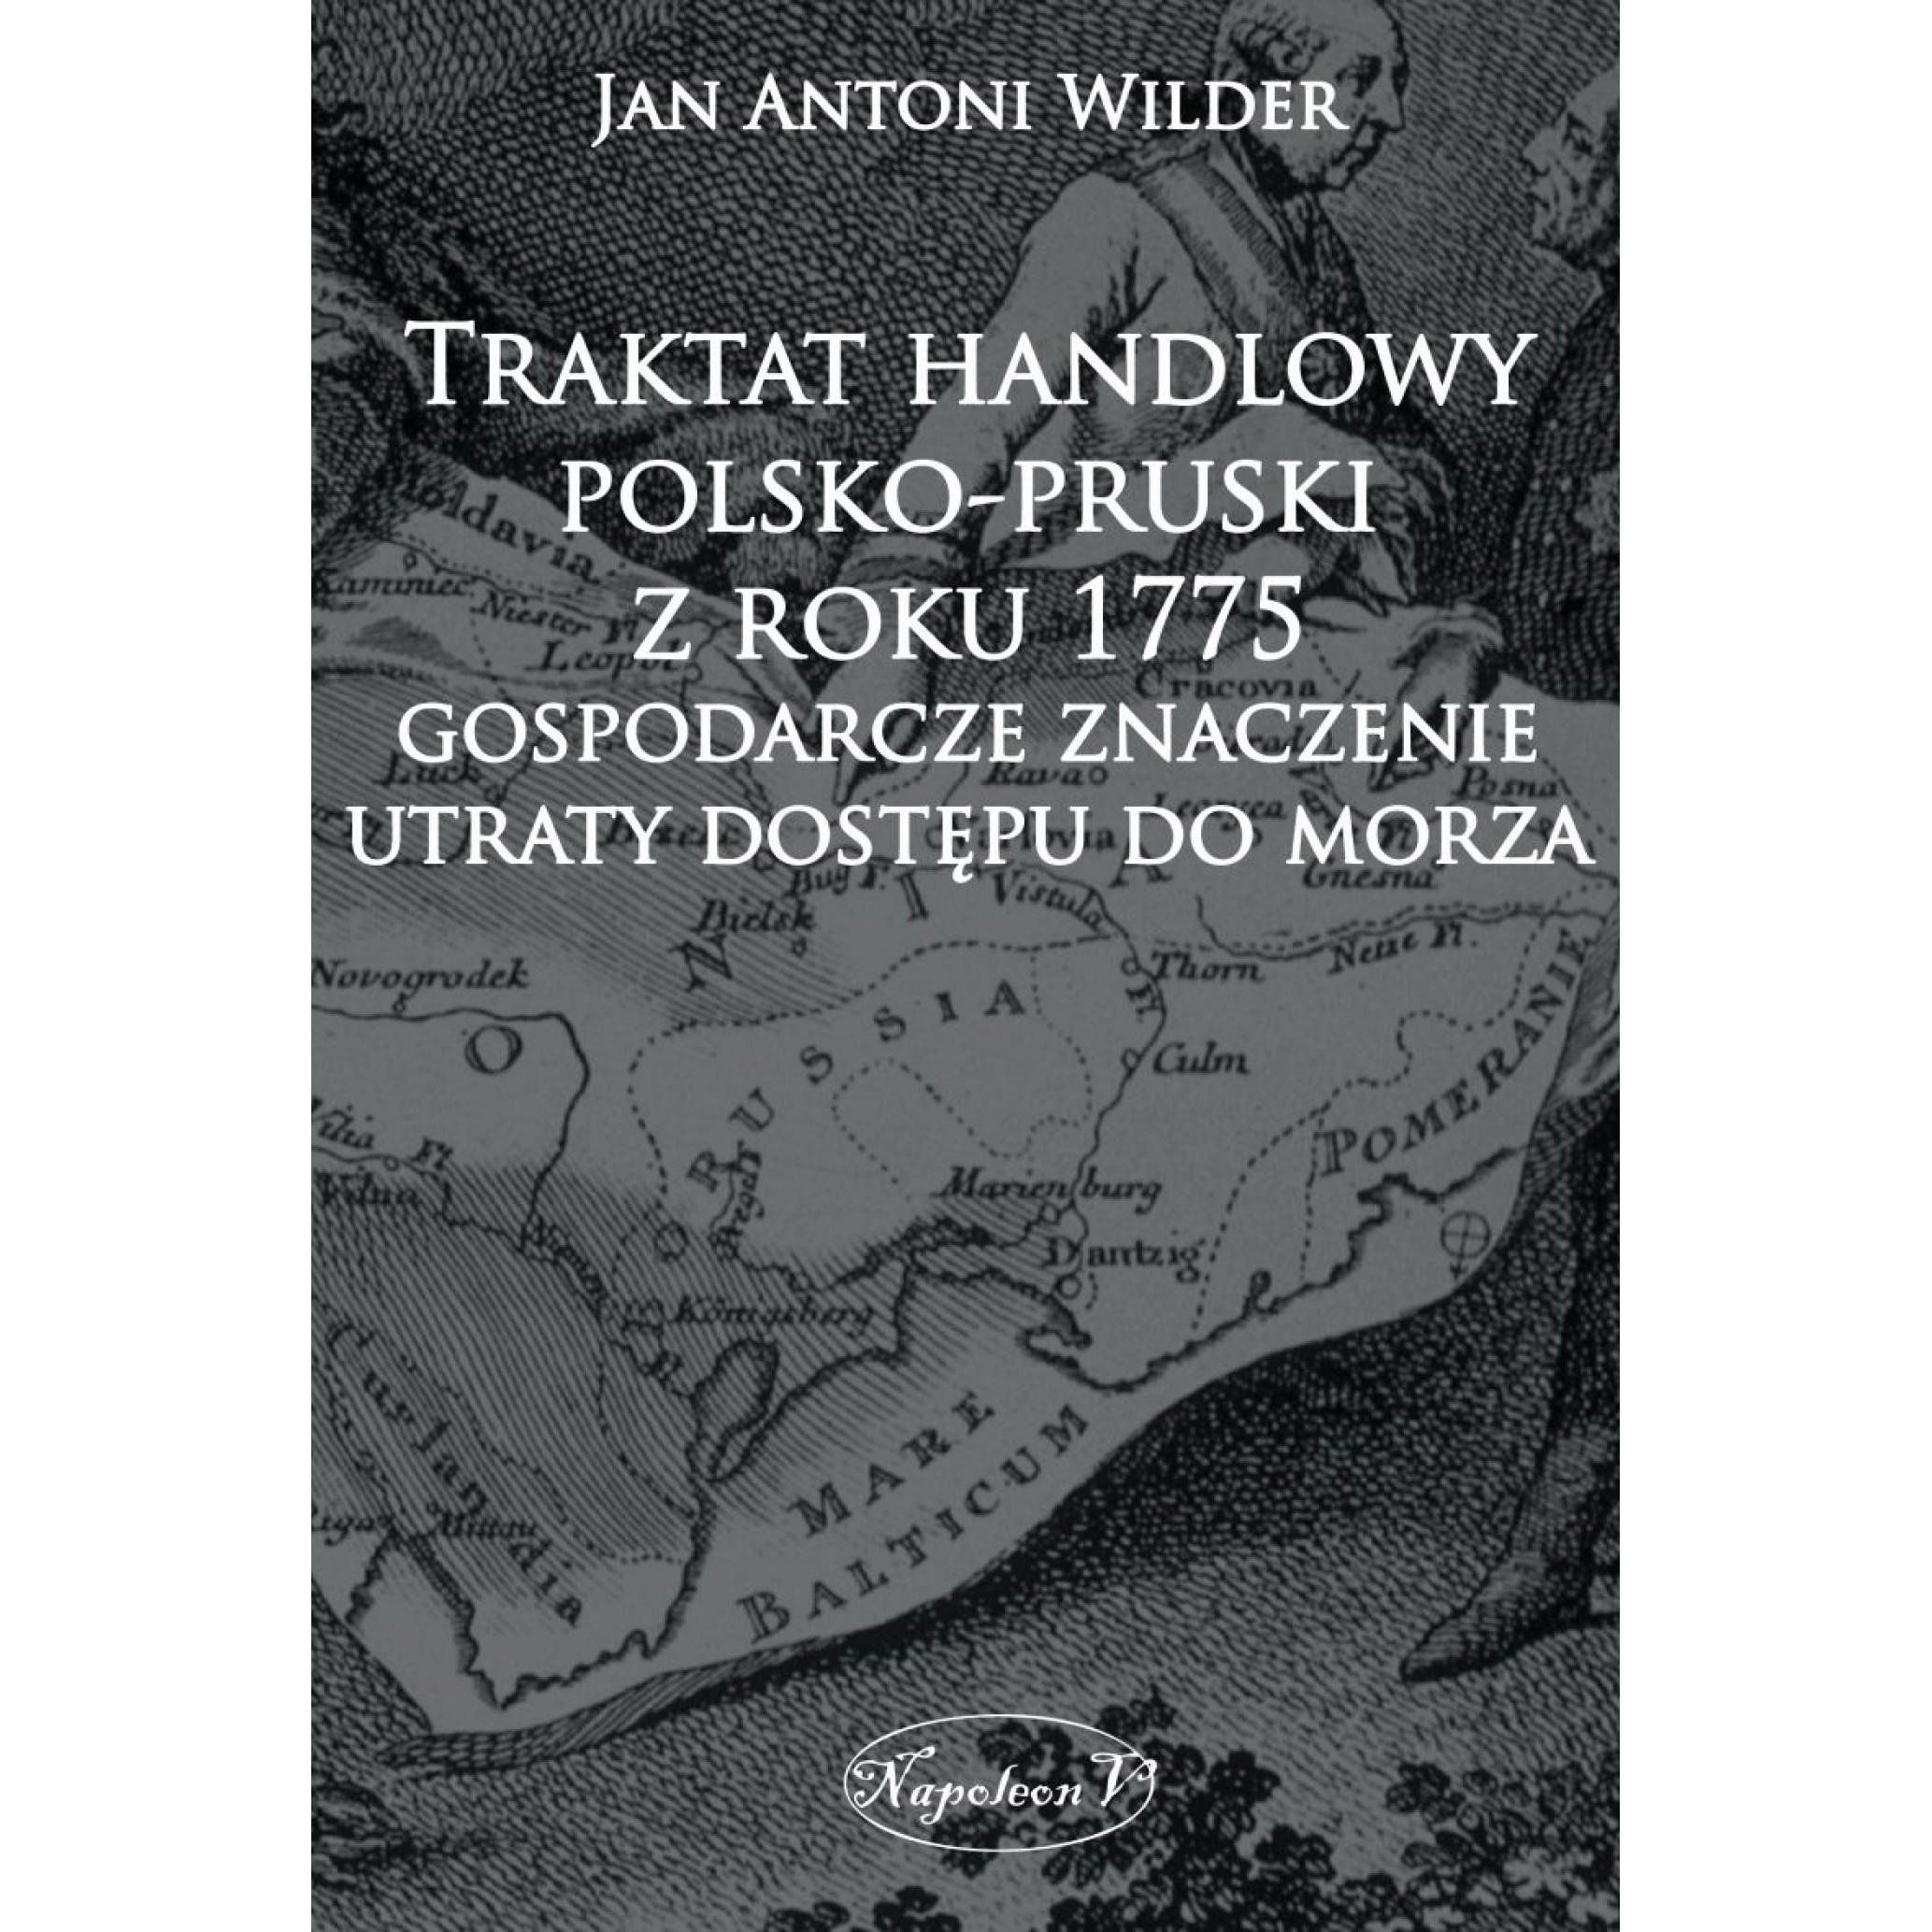 Traktat handlowy polsko-pruski z roku 1775: gospodarcze znaczenie utraty dostępu do morza